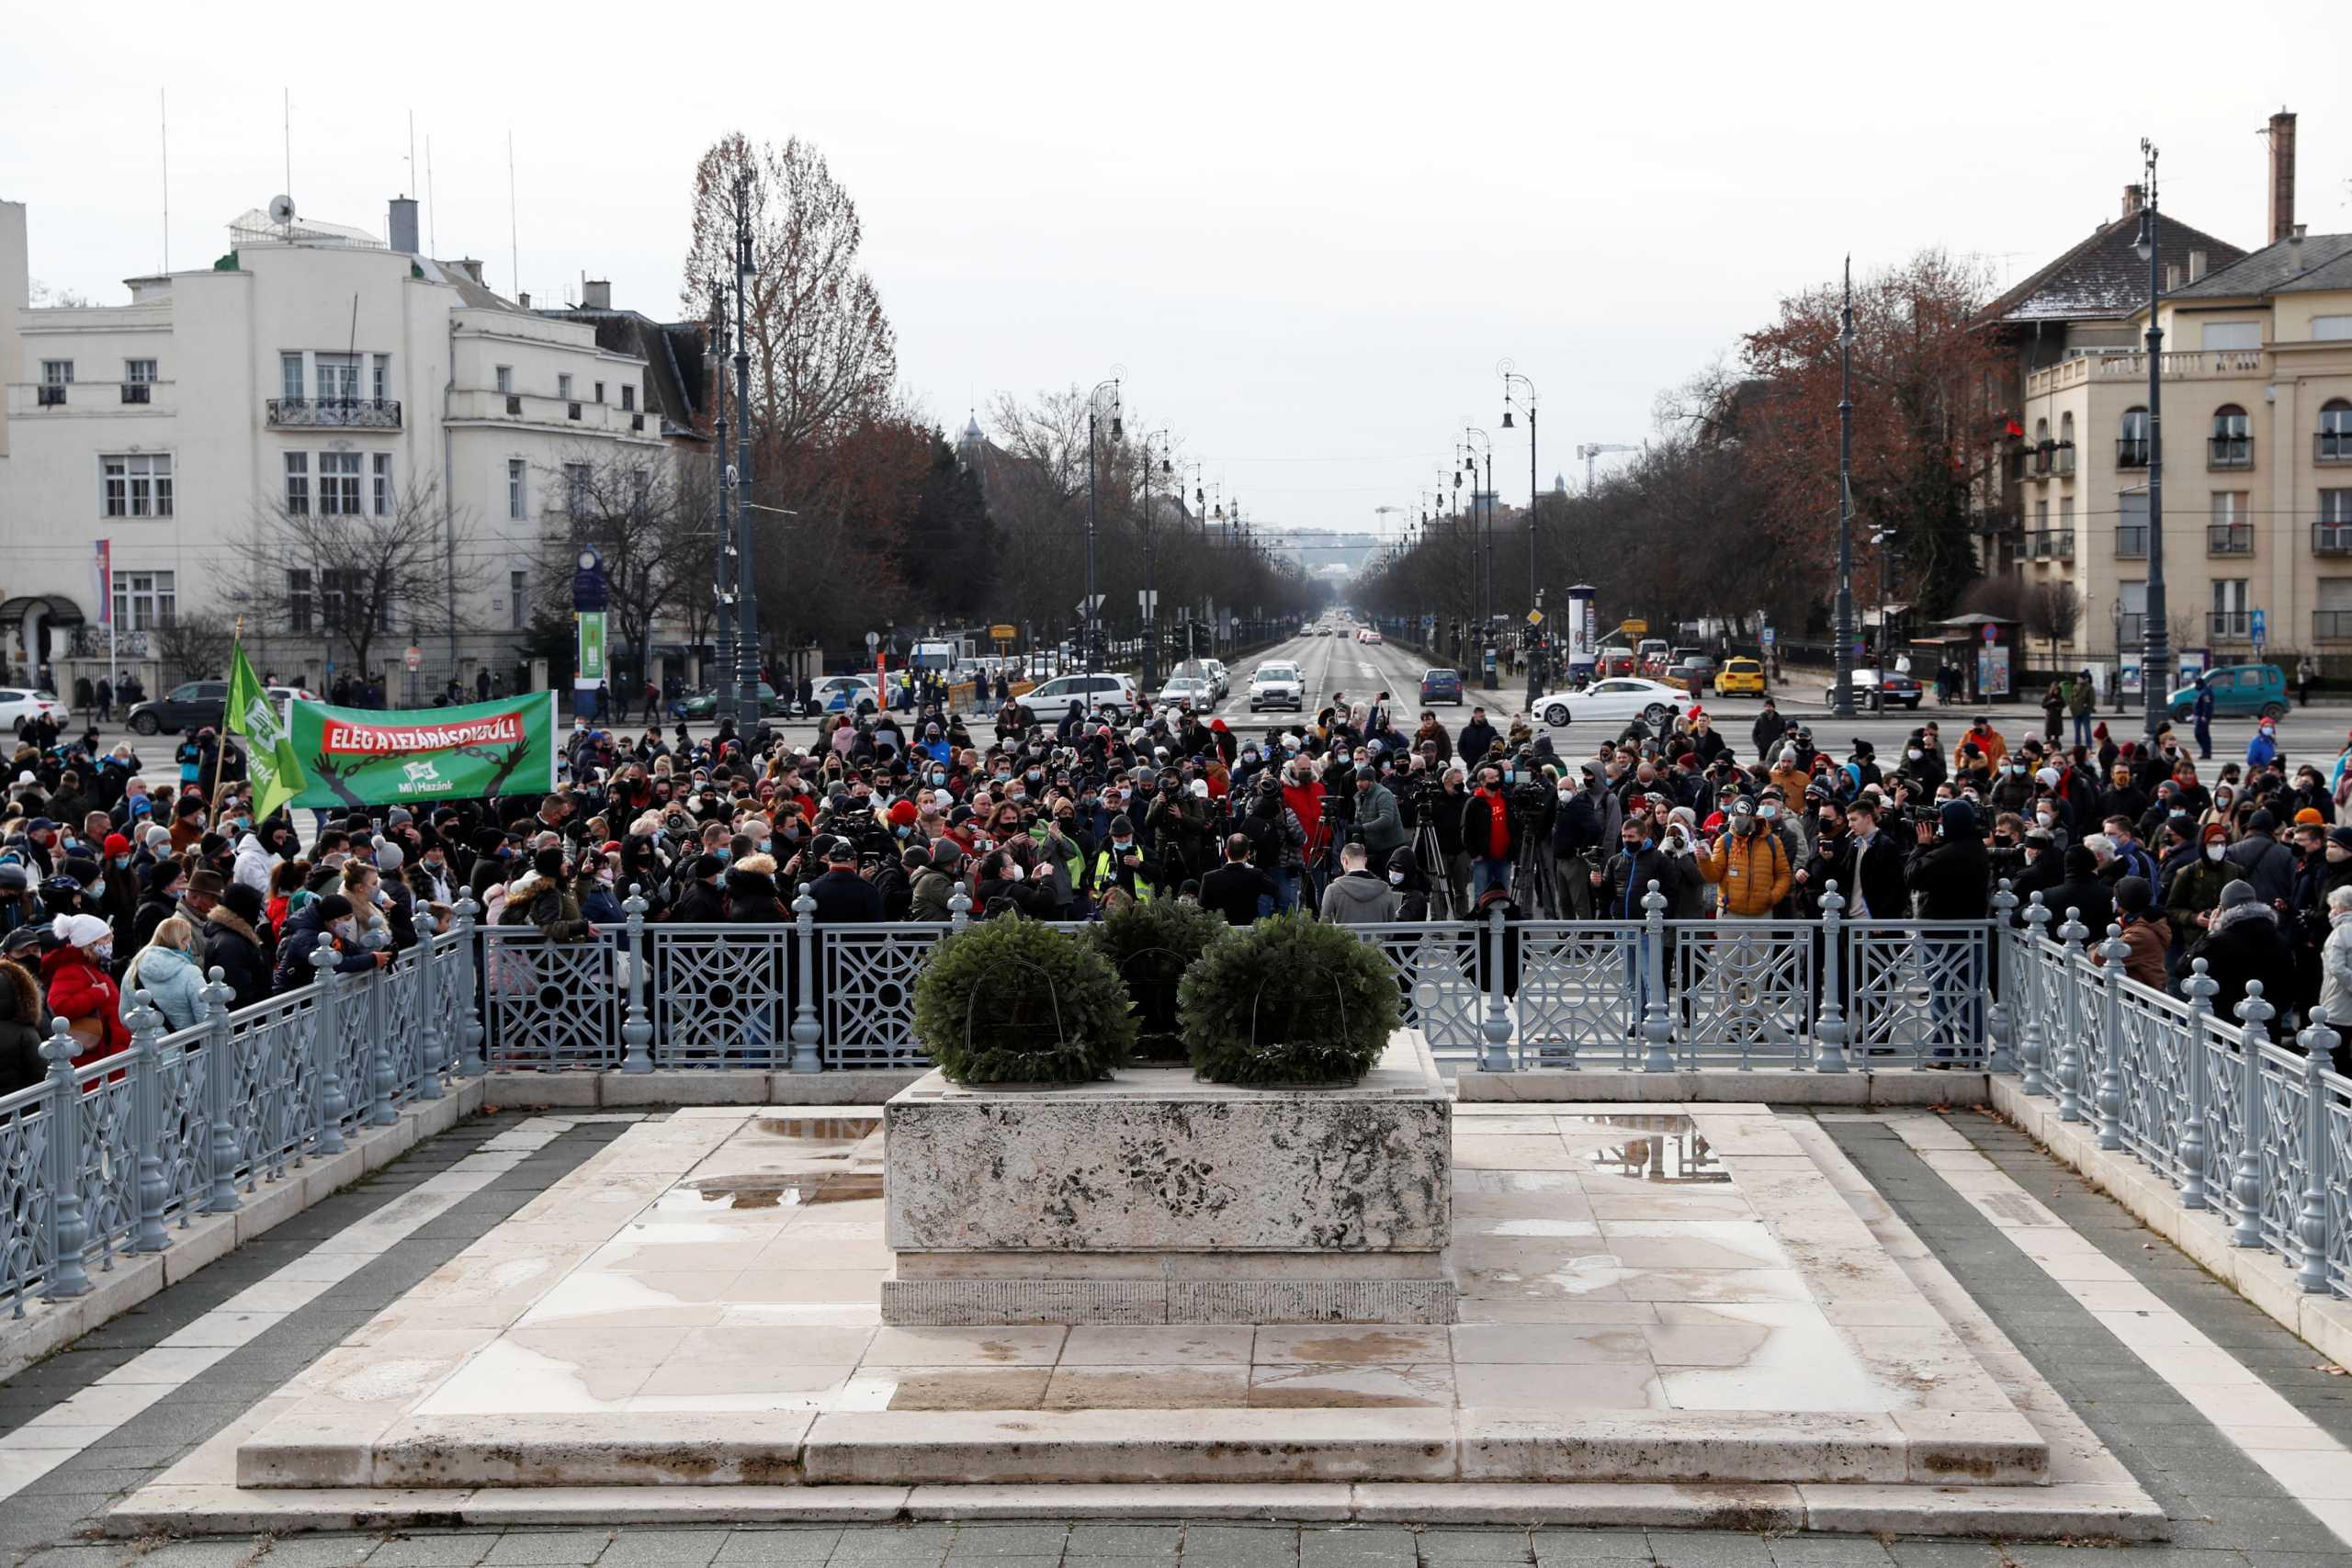 Ουγγαρία: Εστιατόρια στην Βουδαπέστη σηκώνουν «αντάρτικο» και ανοίγουν παρά το lockdown